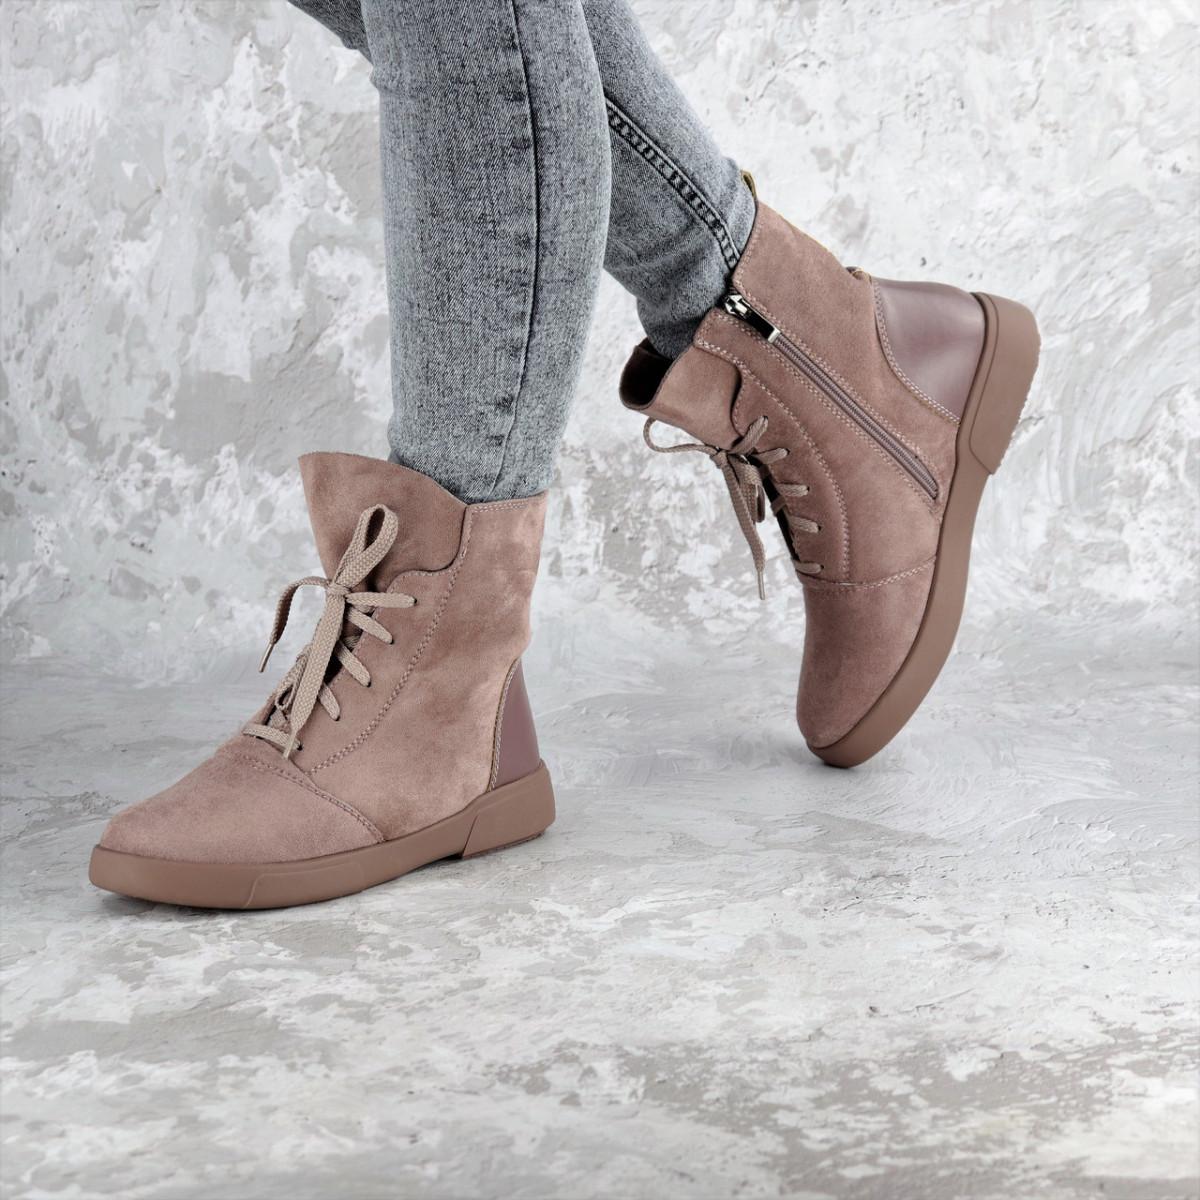 Ботинки женские зимние розовые Arun 2328 (36 размер)